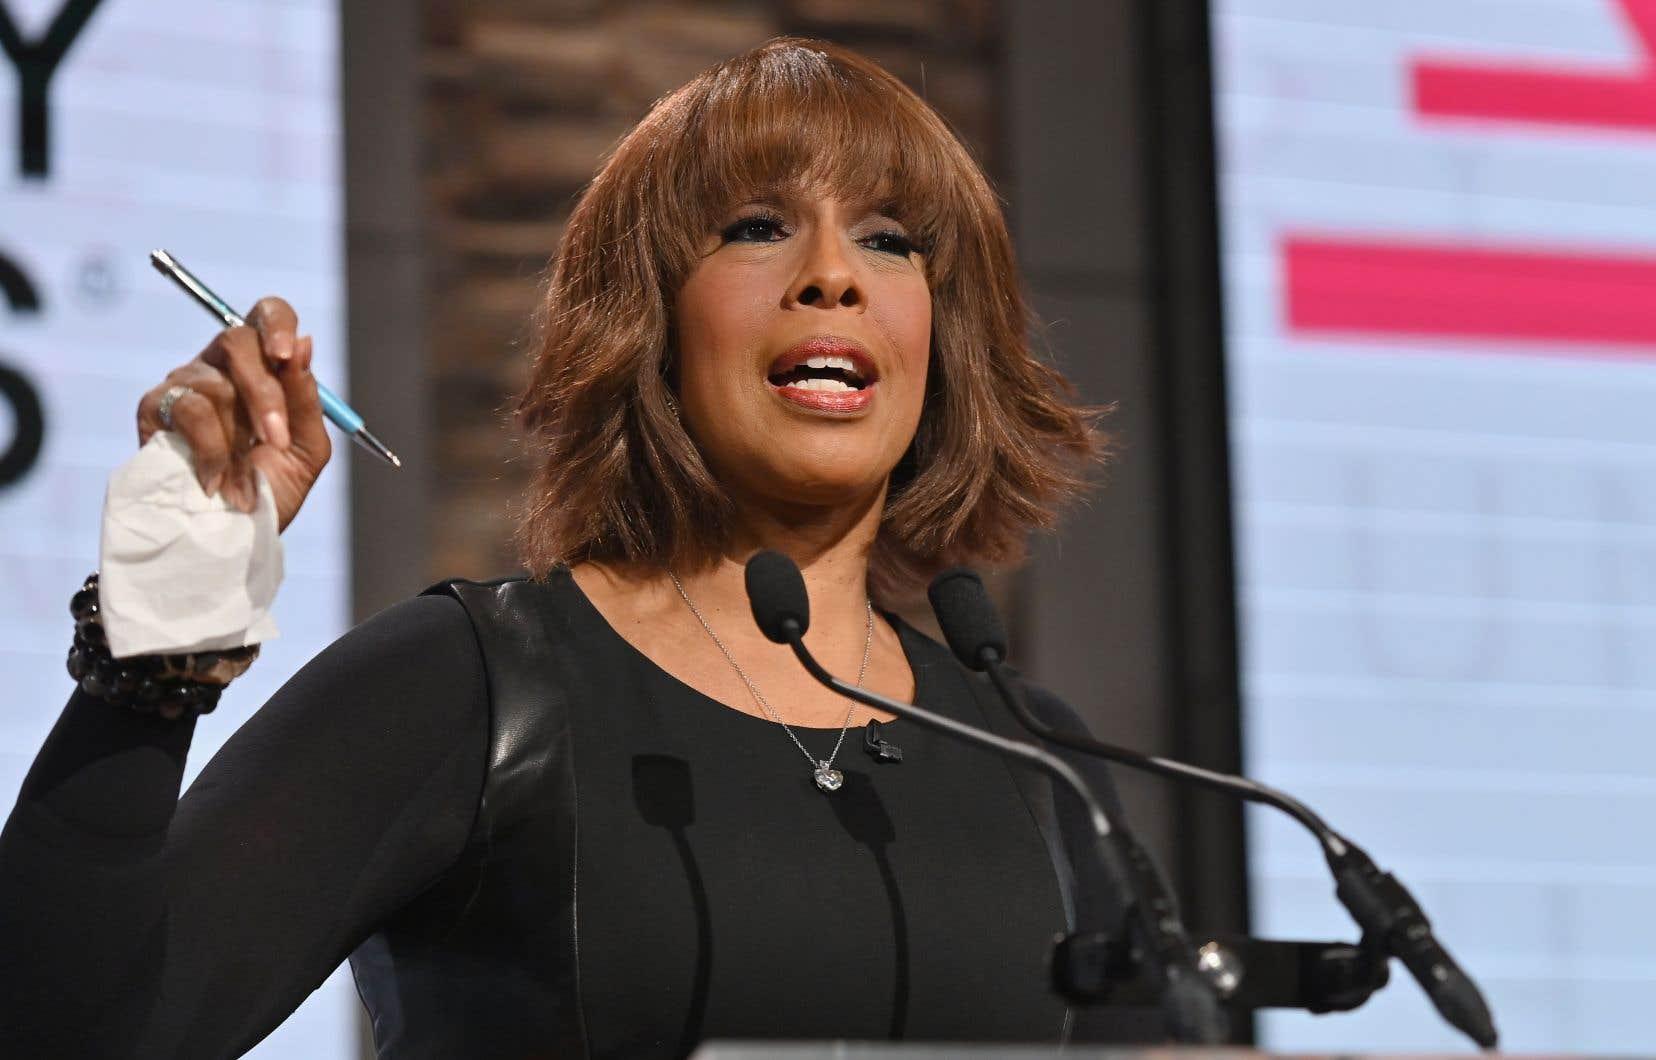 La chaîne américaine CBS a dénoncé dimanche les insultes et les menaces proférées contre la célèbre journaliste Gayle King .